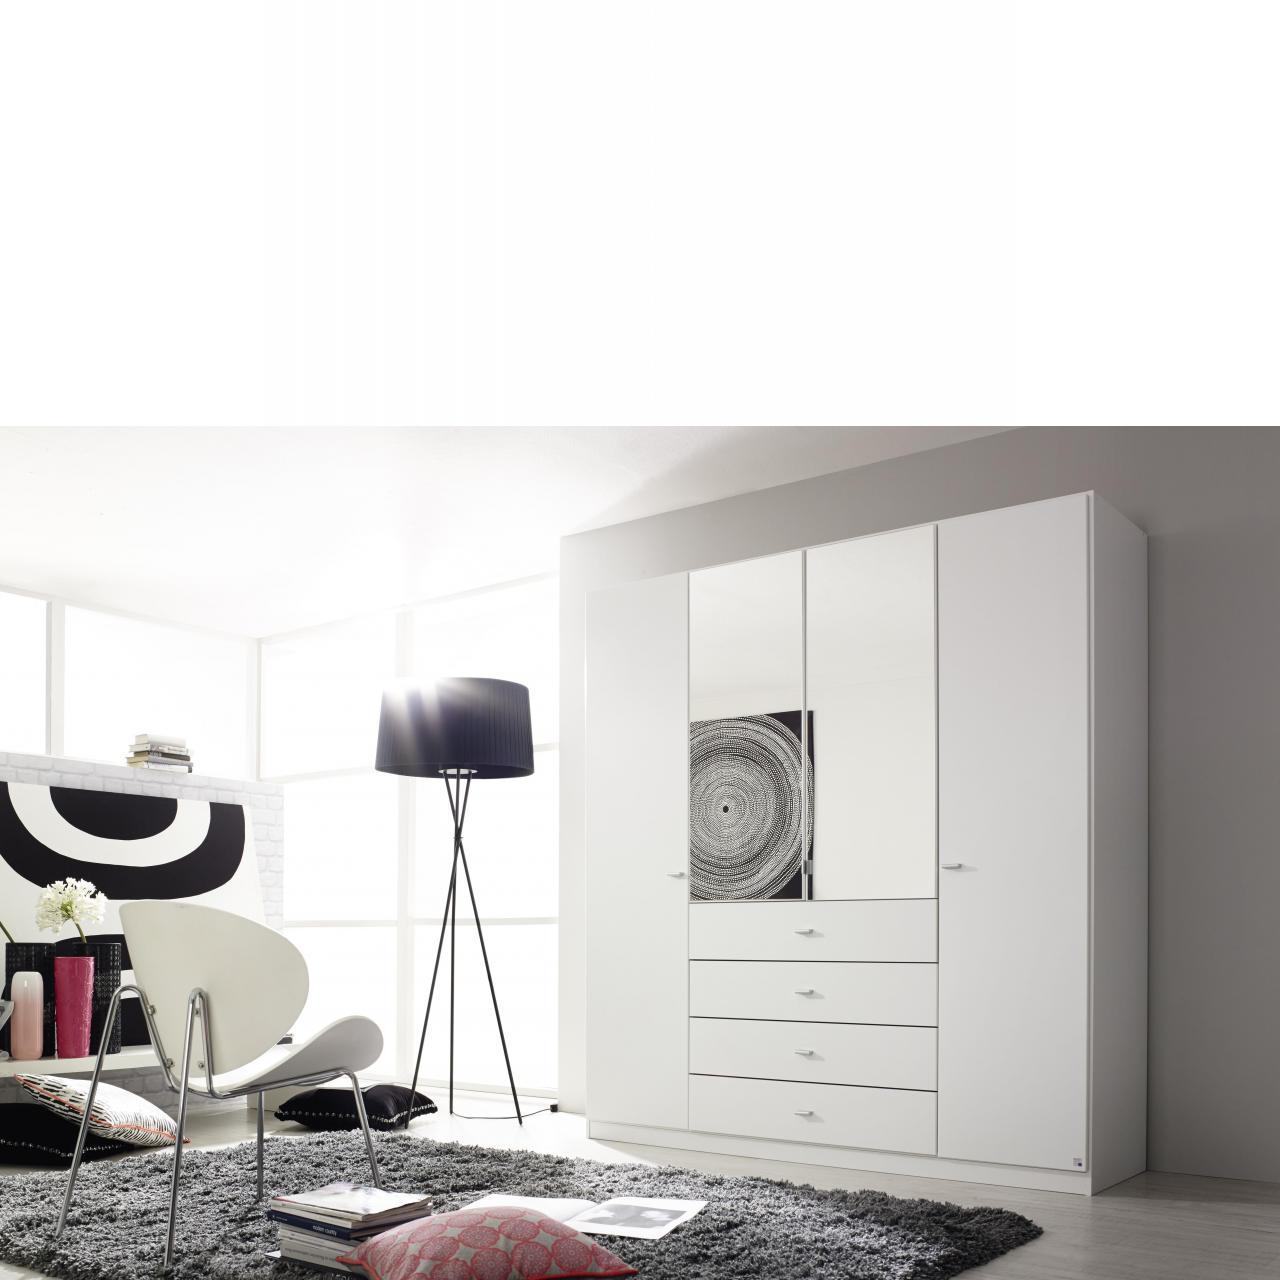 Kleiderschrank Sinsheim AR955.22S4